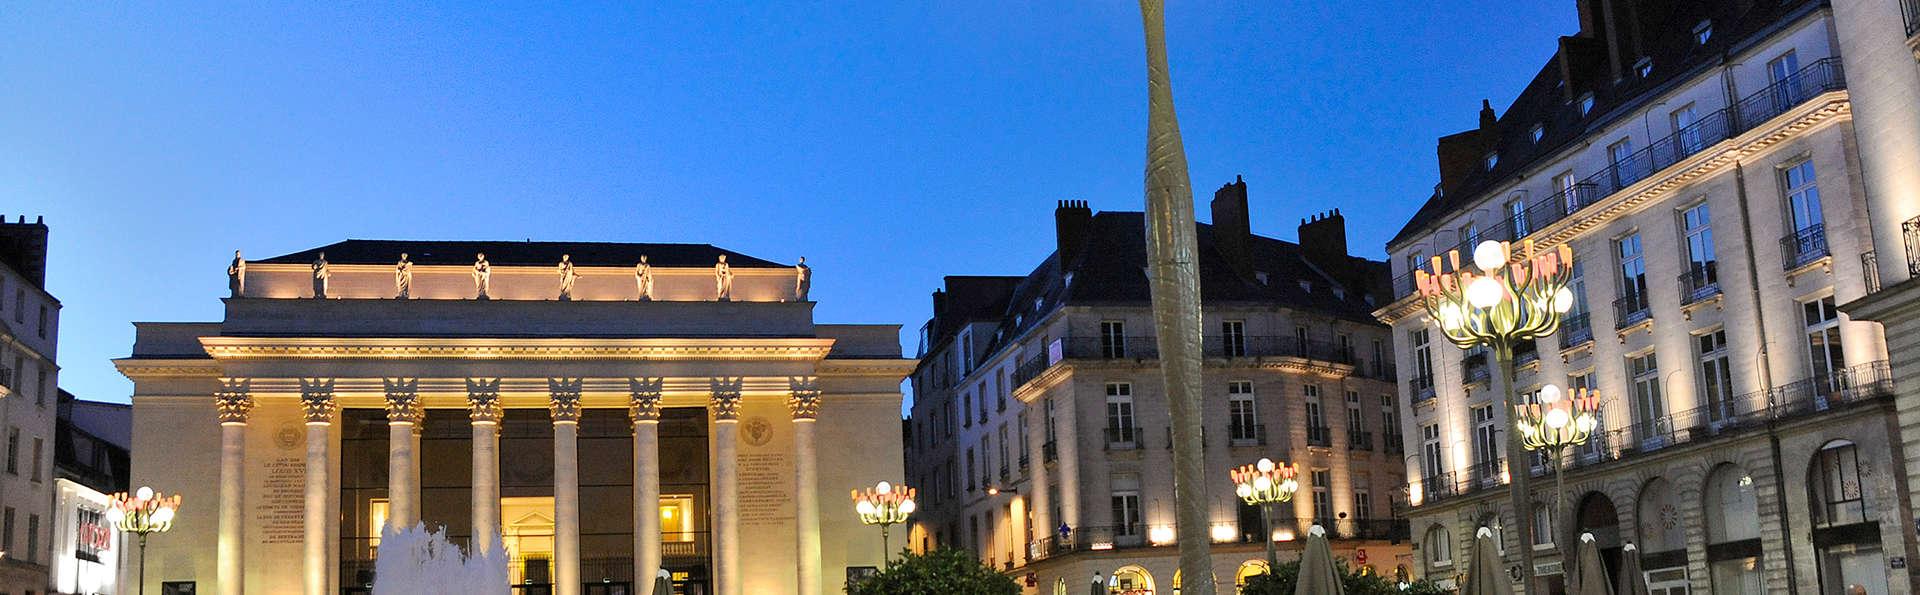 Week-end à Nantes